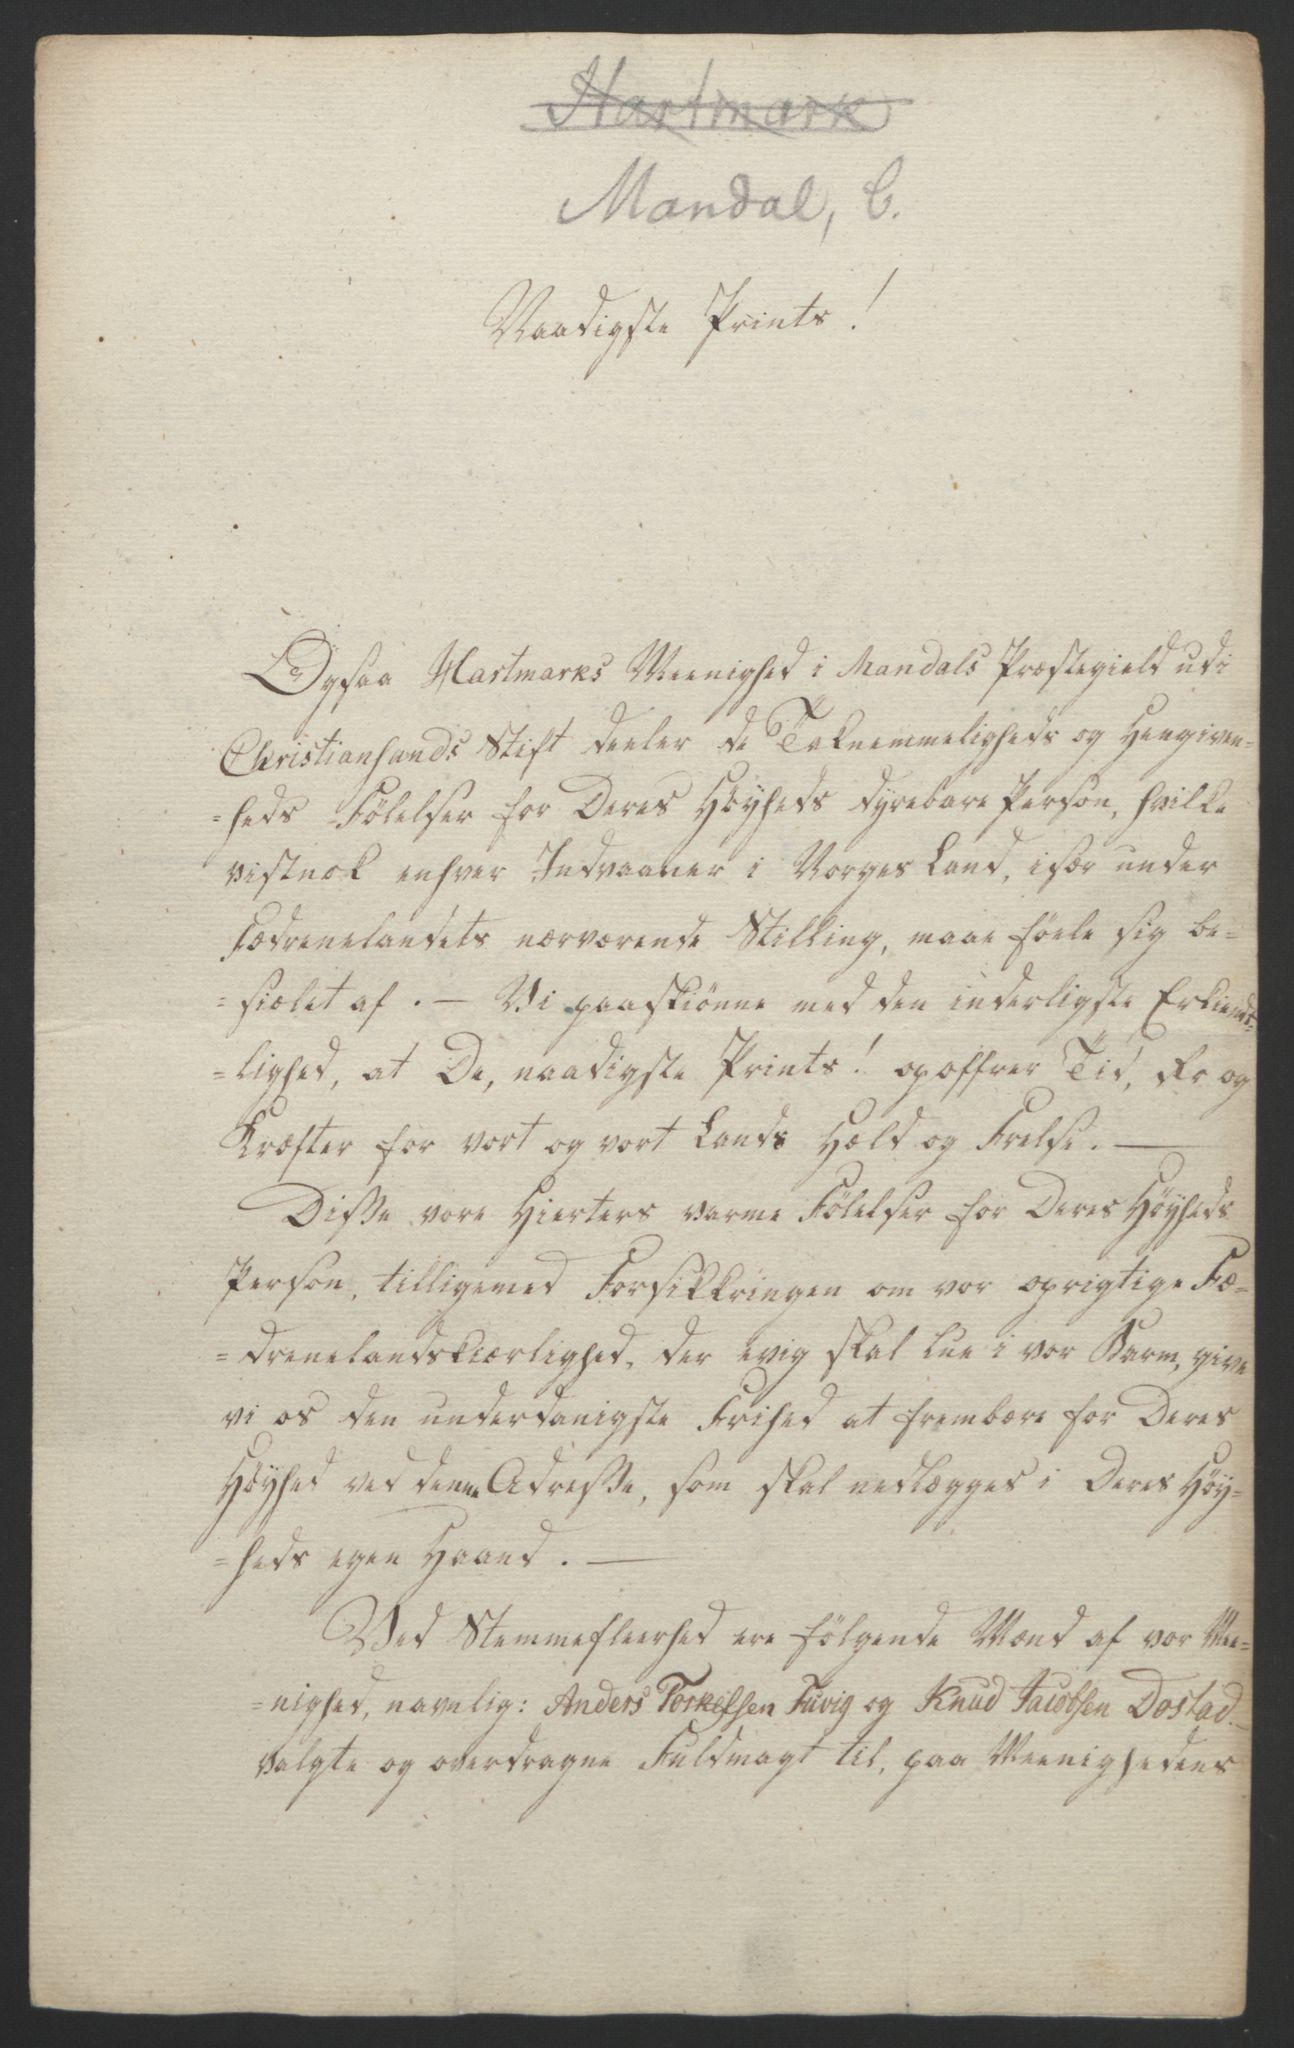 RA, Statsrådssekretariatet, D/Db/L0008: Fullmakter for Eidsvollsrepresentantene i 1814. , 1814, s. 130